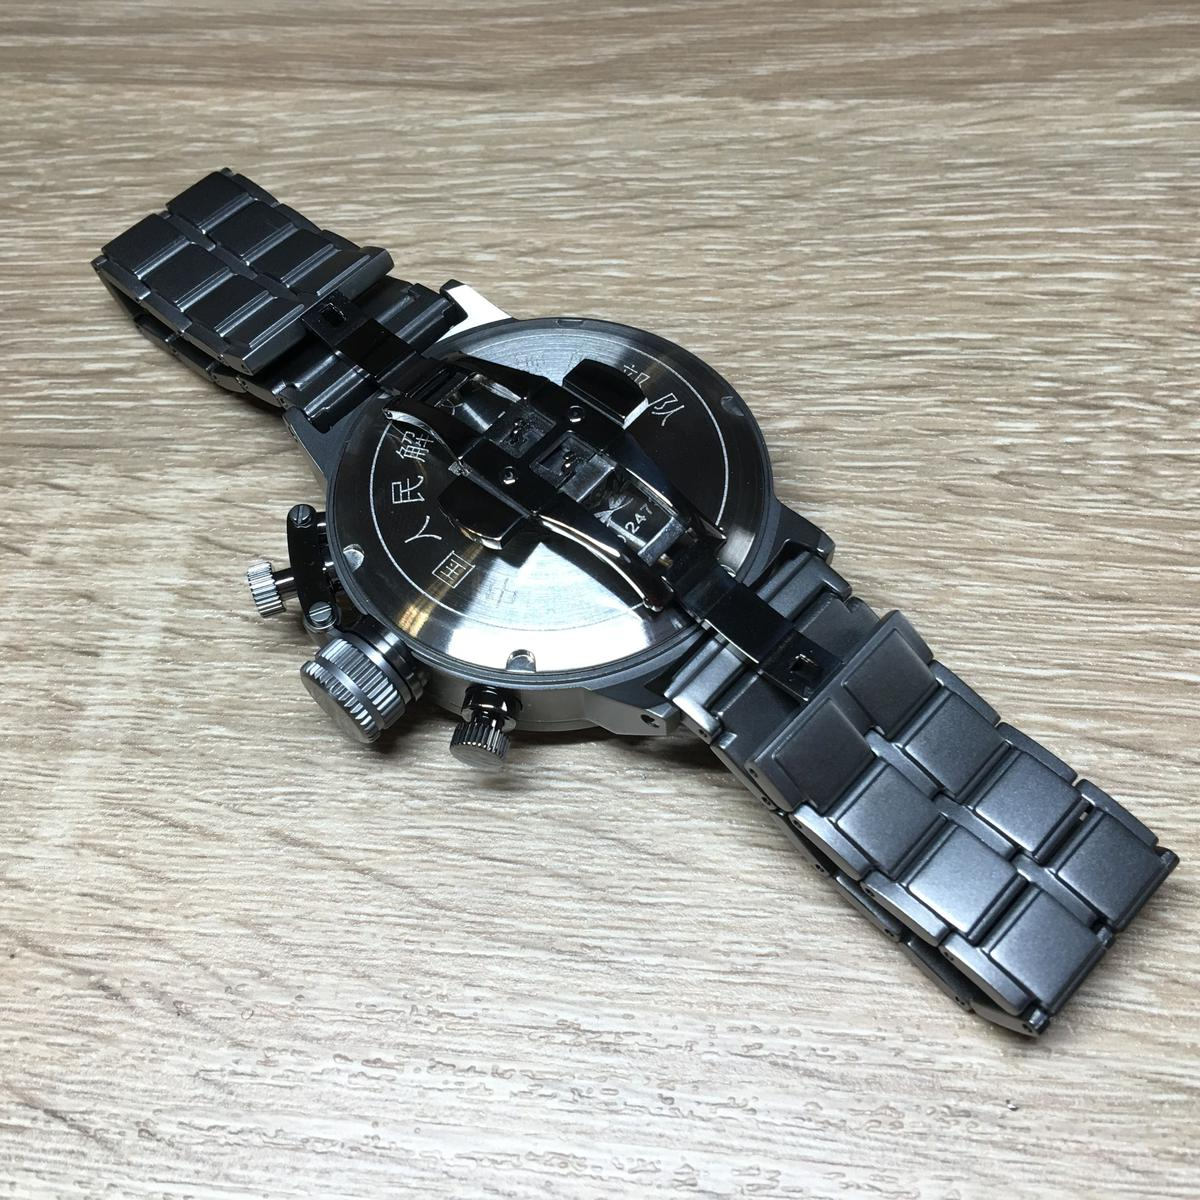 【臥龍商店】海外ミリタリー装備専門店            【実物】中国人民解放軍2016年海軍 1126艦船部隊腕時計セット